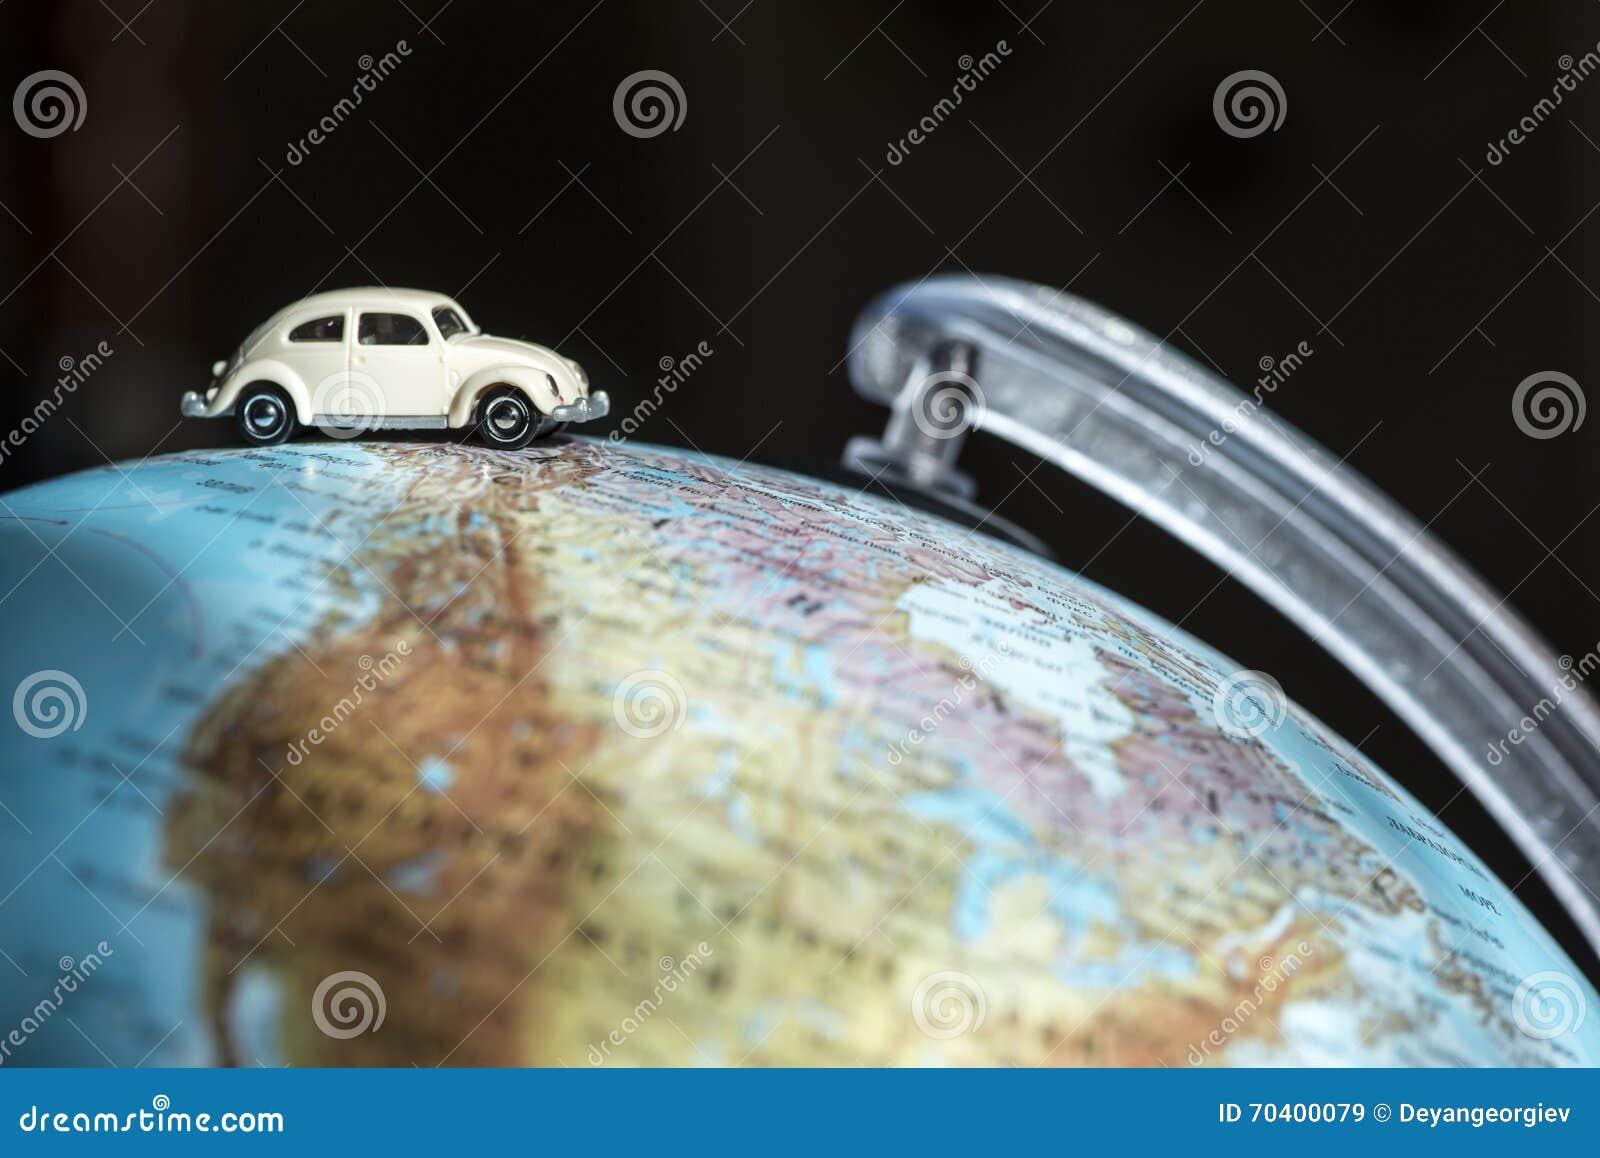 Samochód na kuli ziemskiej